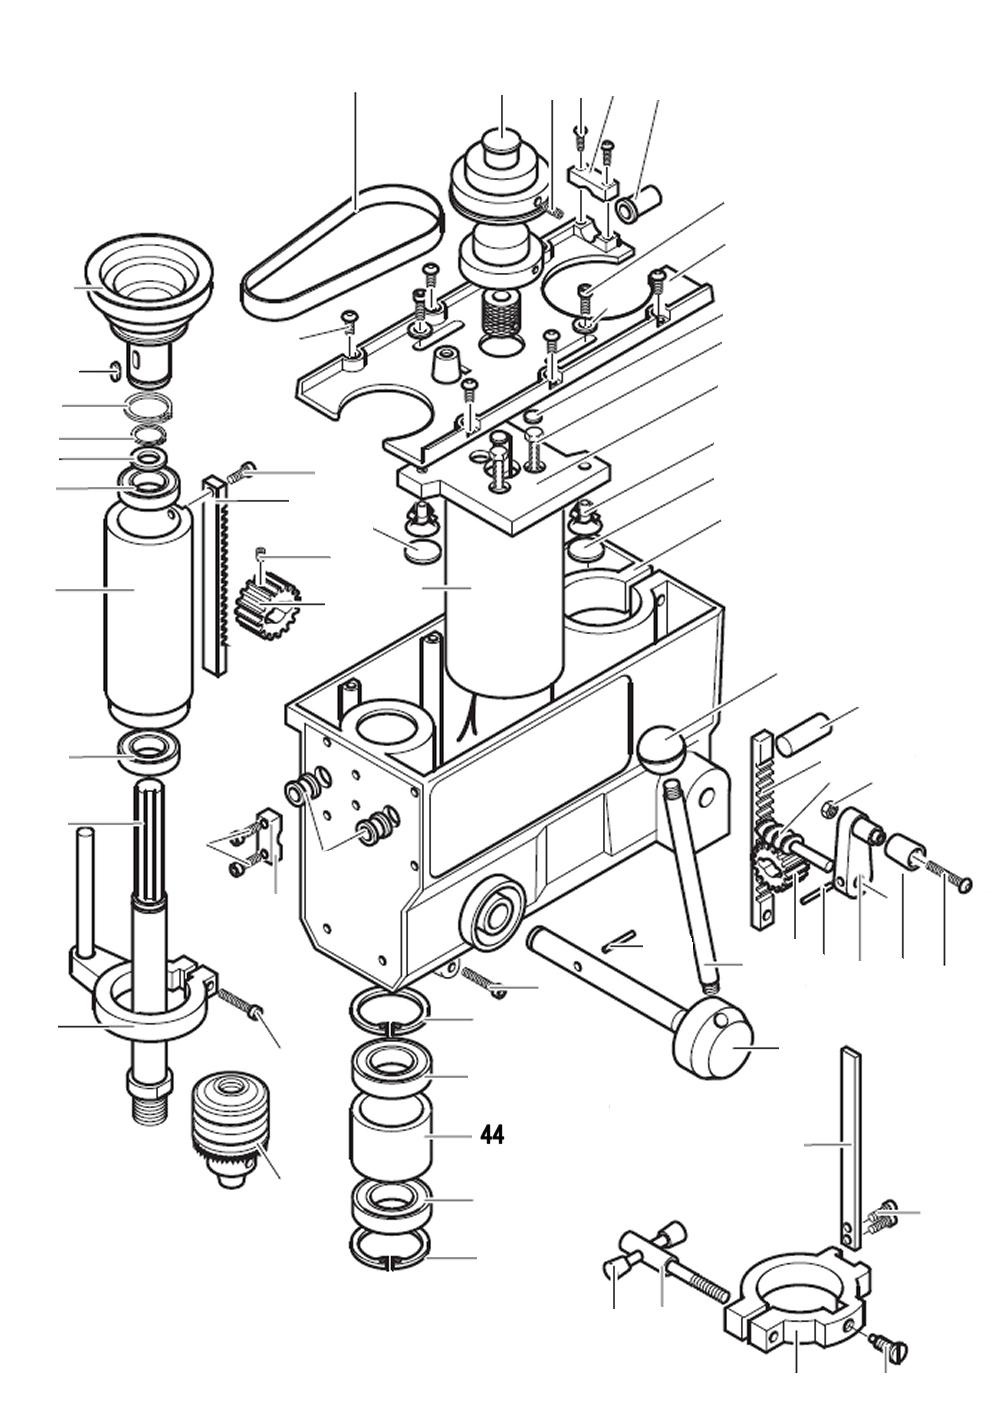 PROXXON 28124-44 Distanzring für Tischbohrmaschine TBH